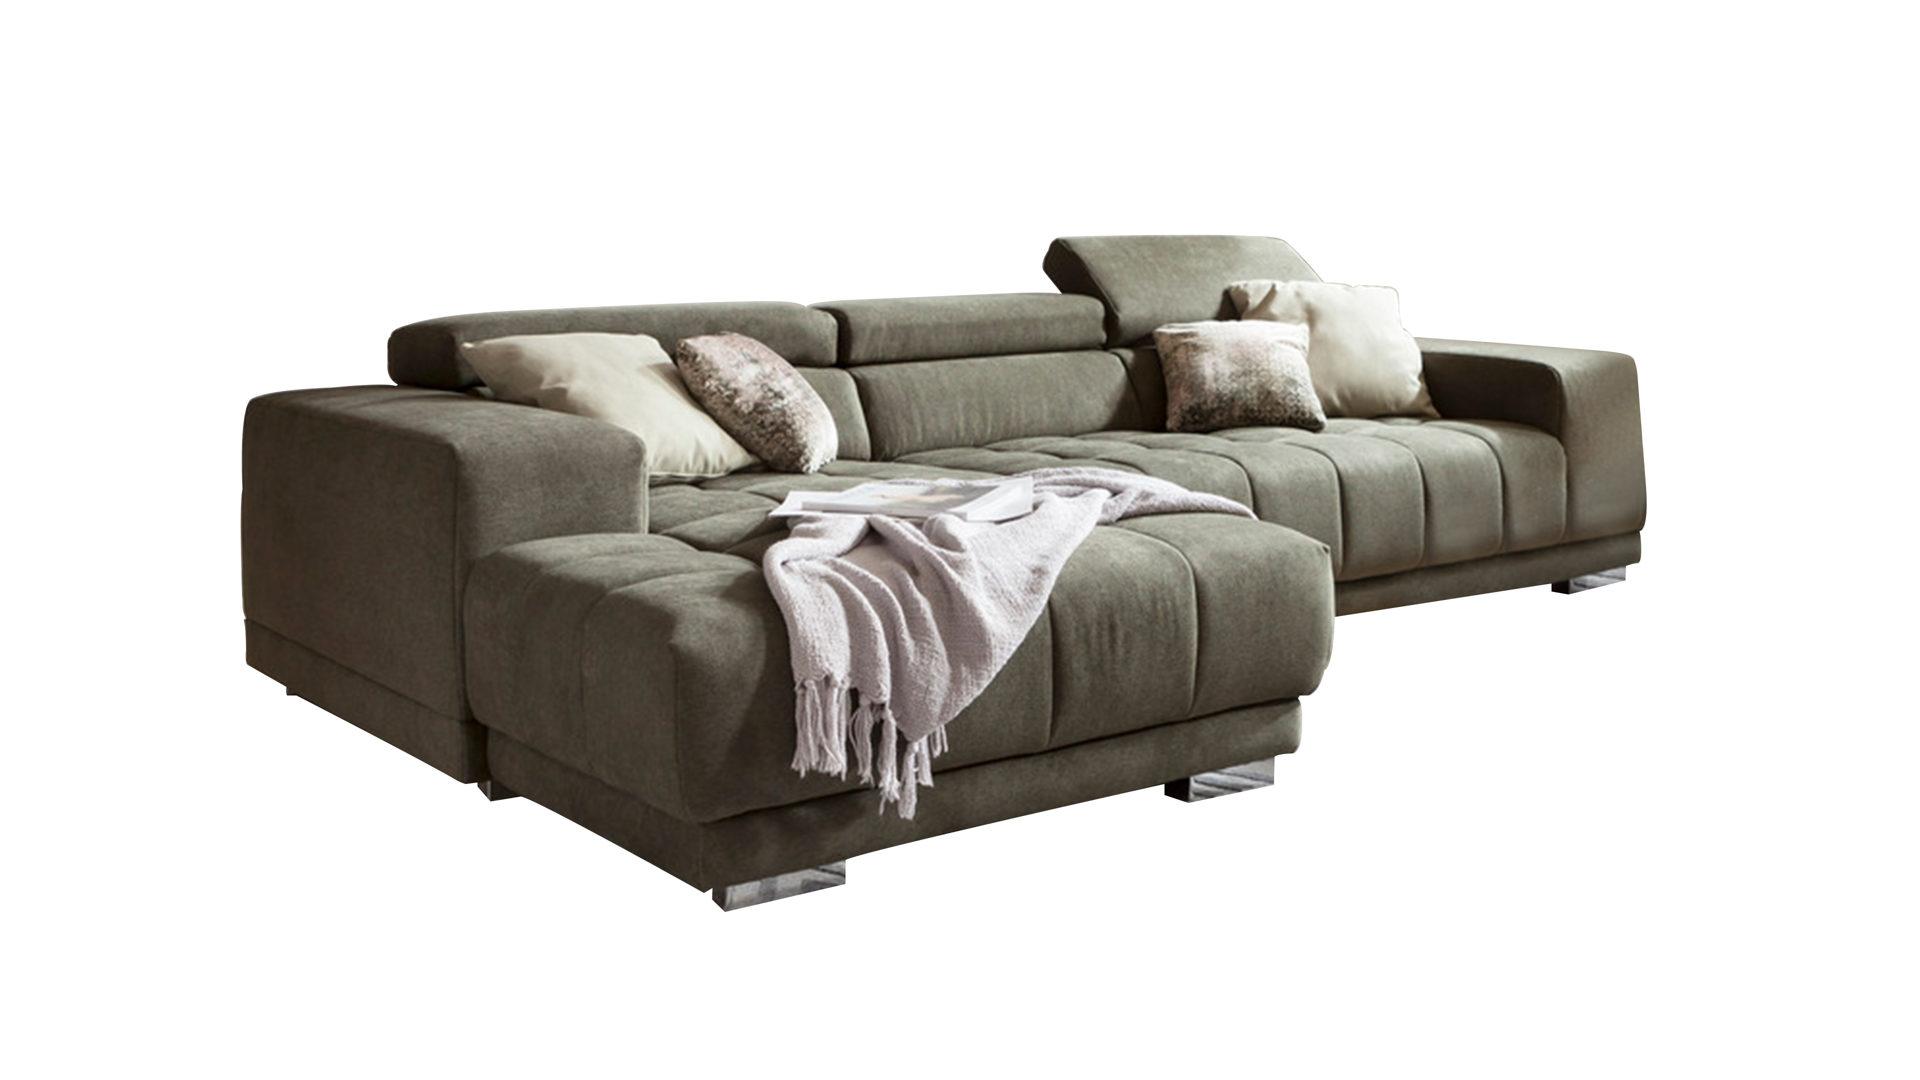 Einrichtungspartnerring Markenshops Wohnzimmer Loungemöbel